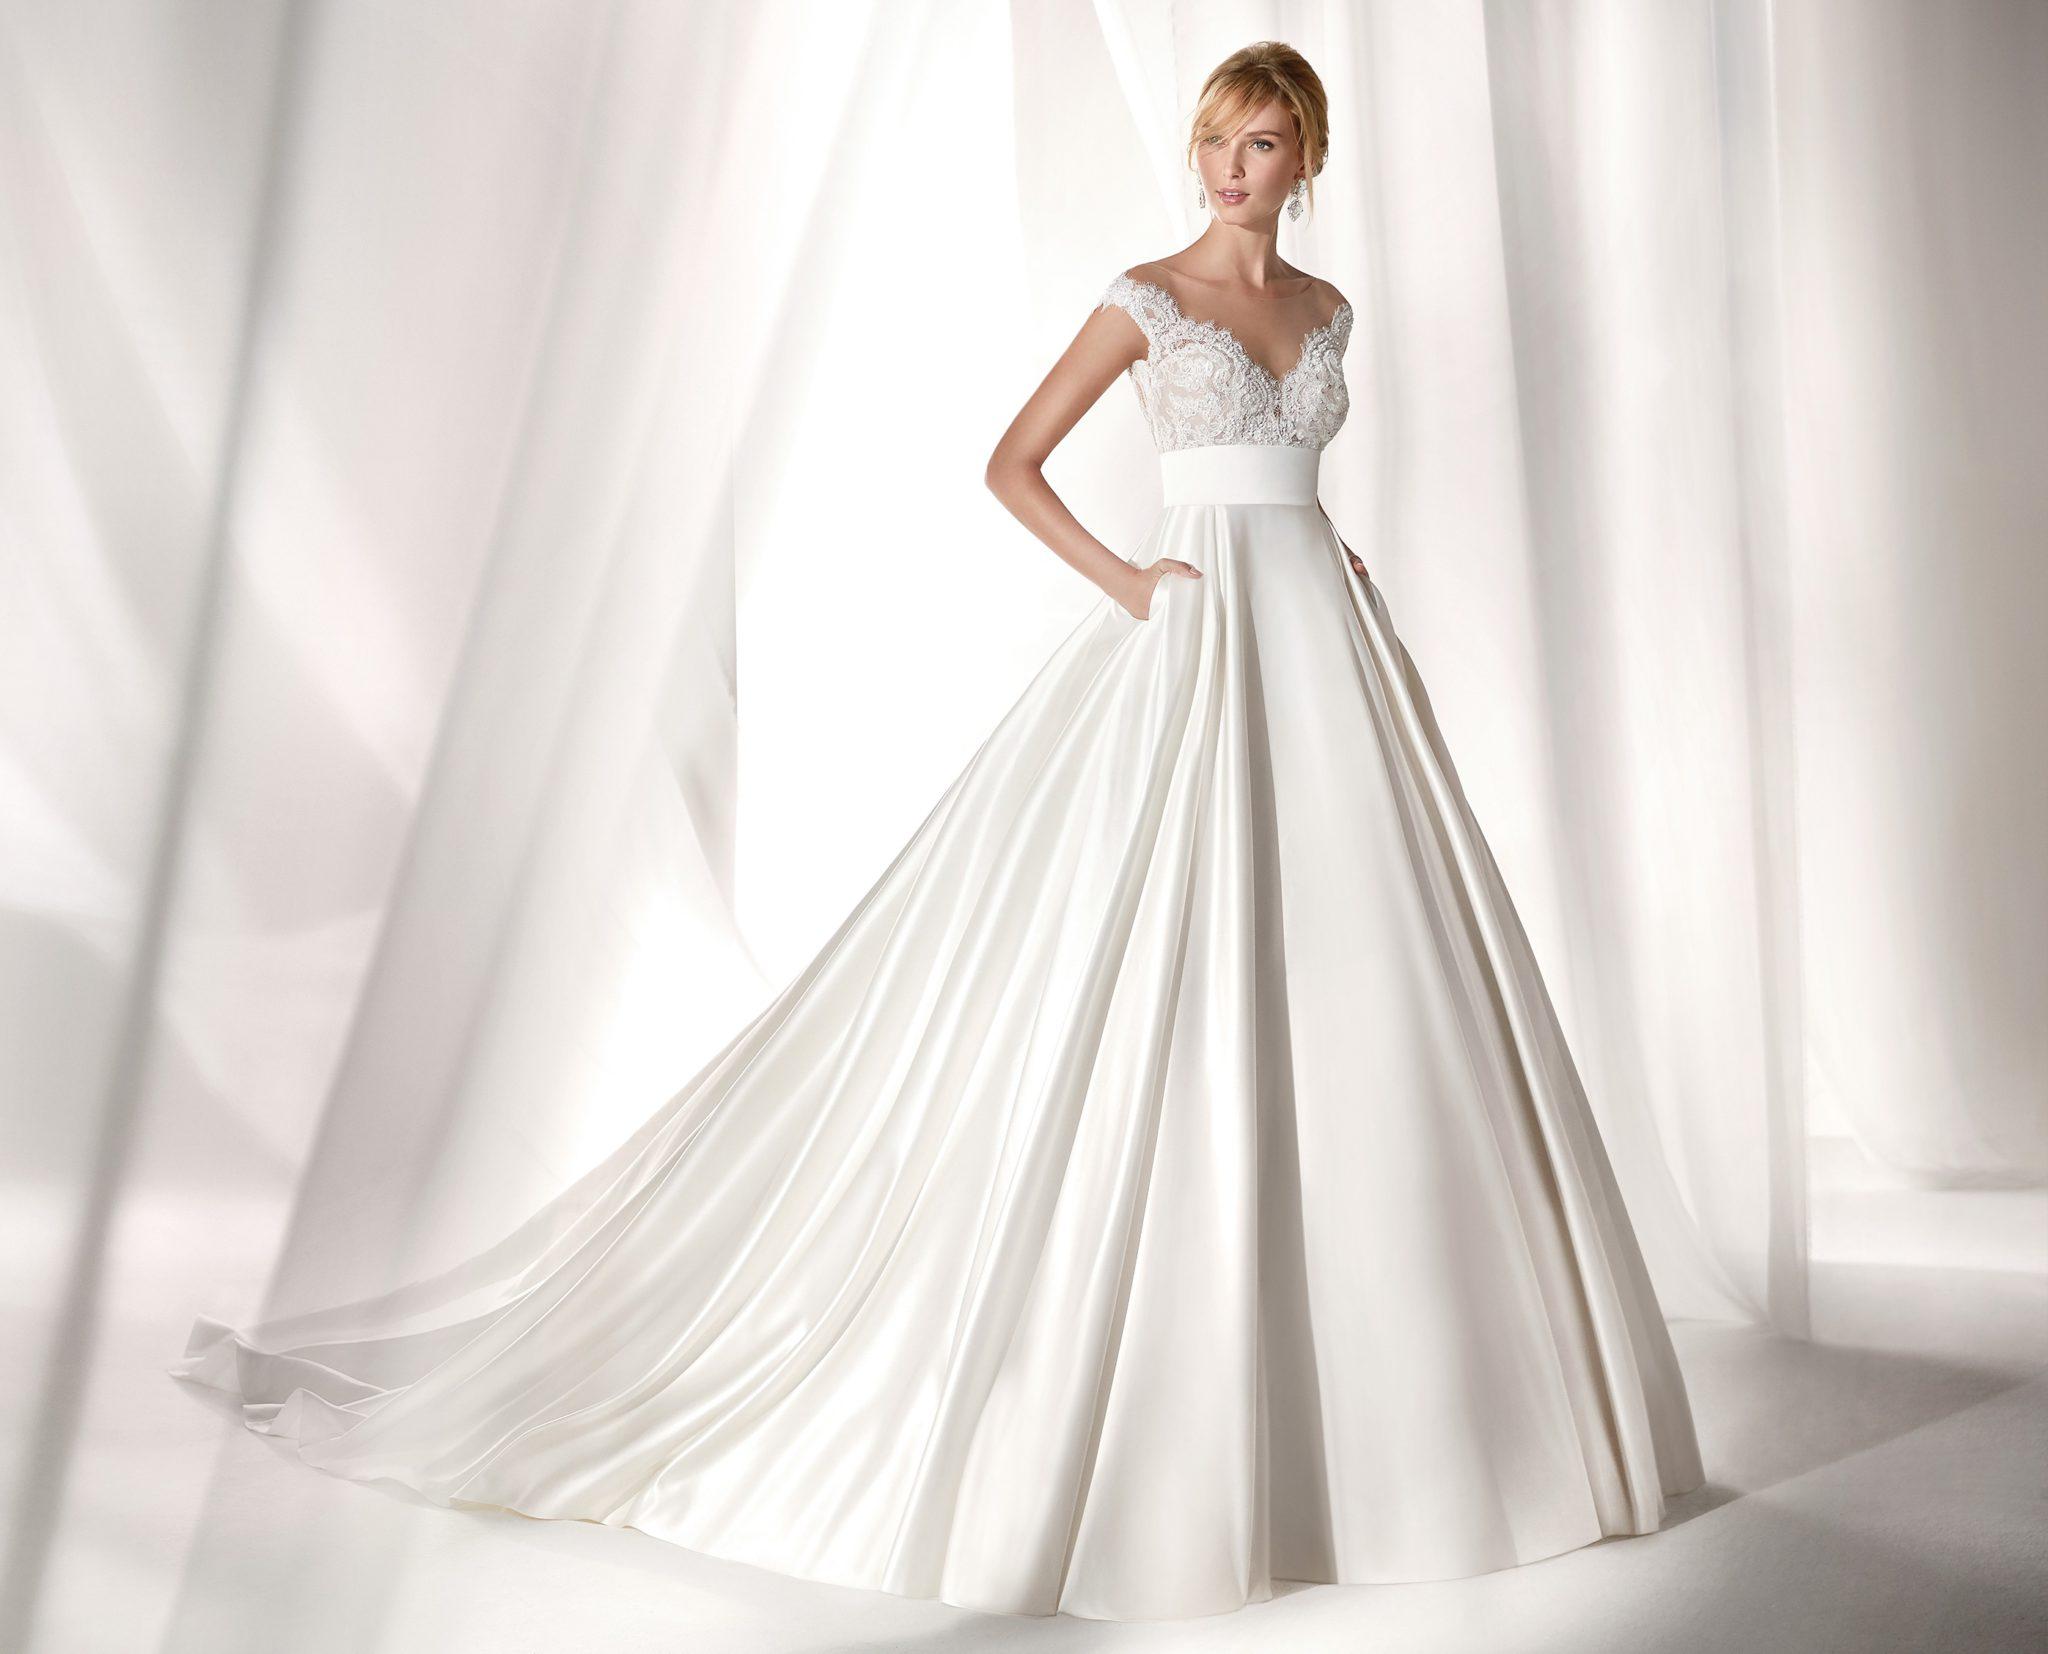 abito da sposa Nicole sposa con corpetto in pizzo scollatura omerale gonna  a vita alta in 59843d88ac55